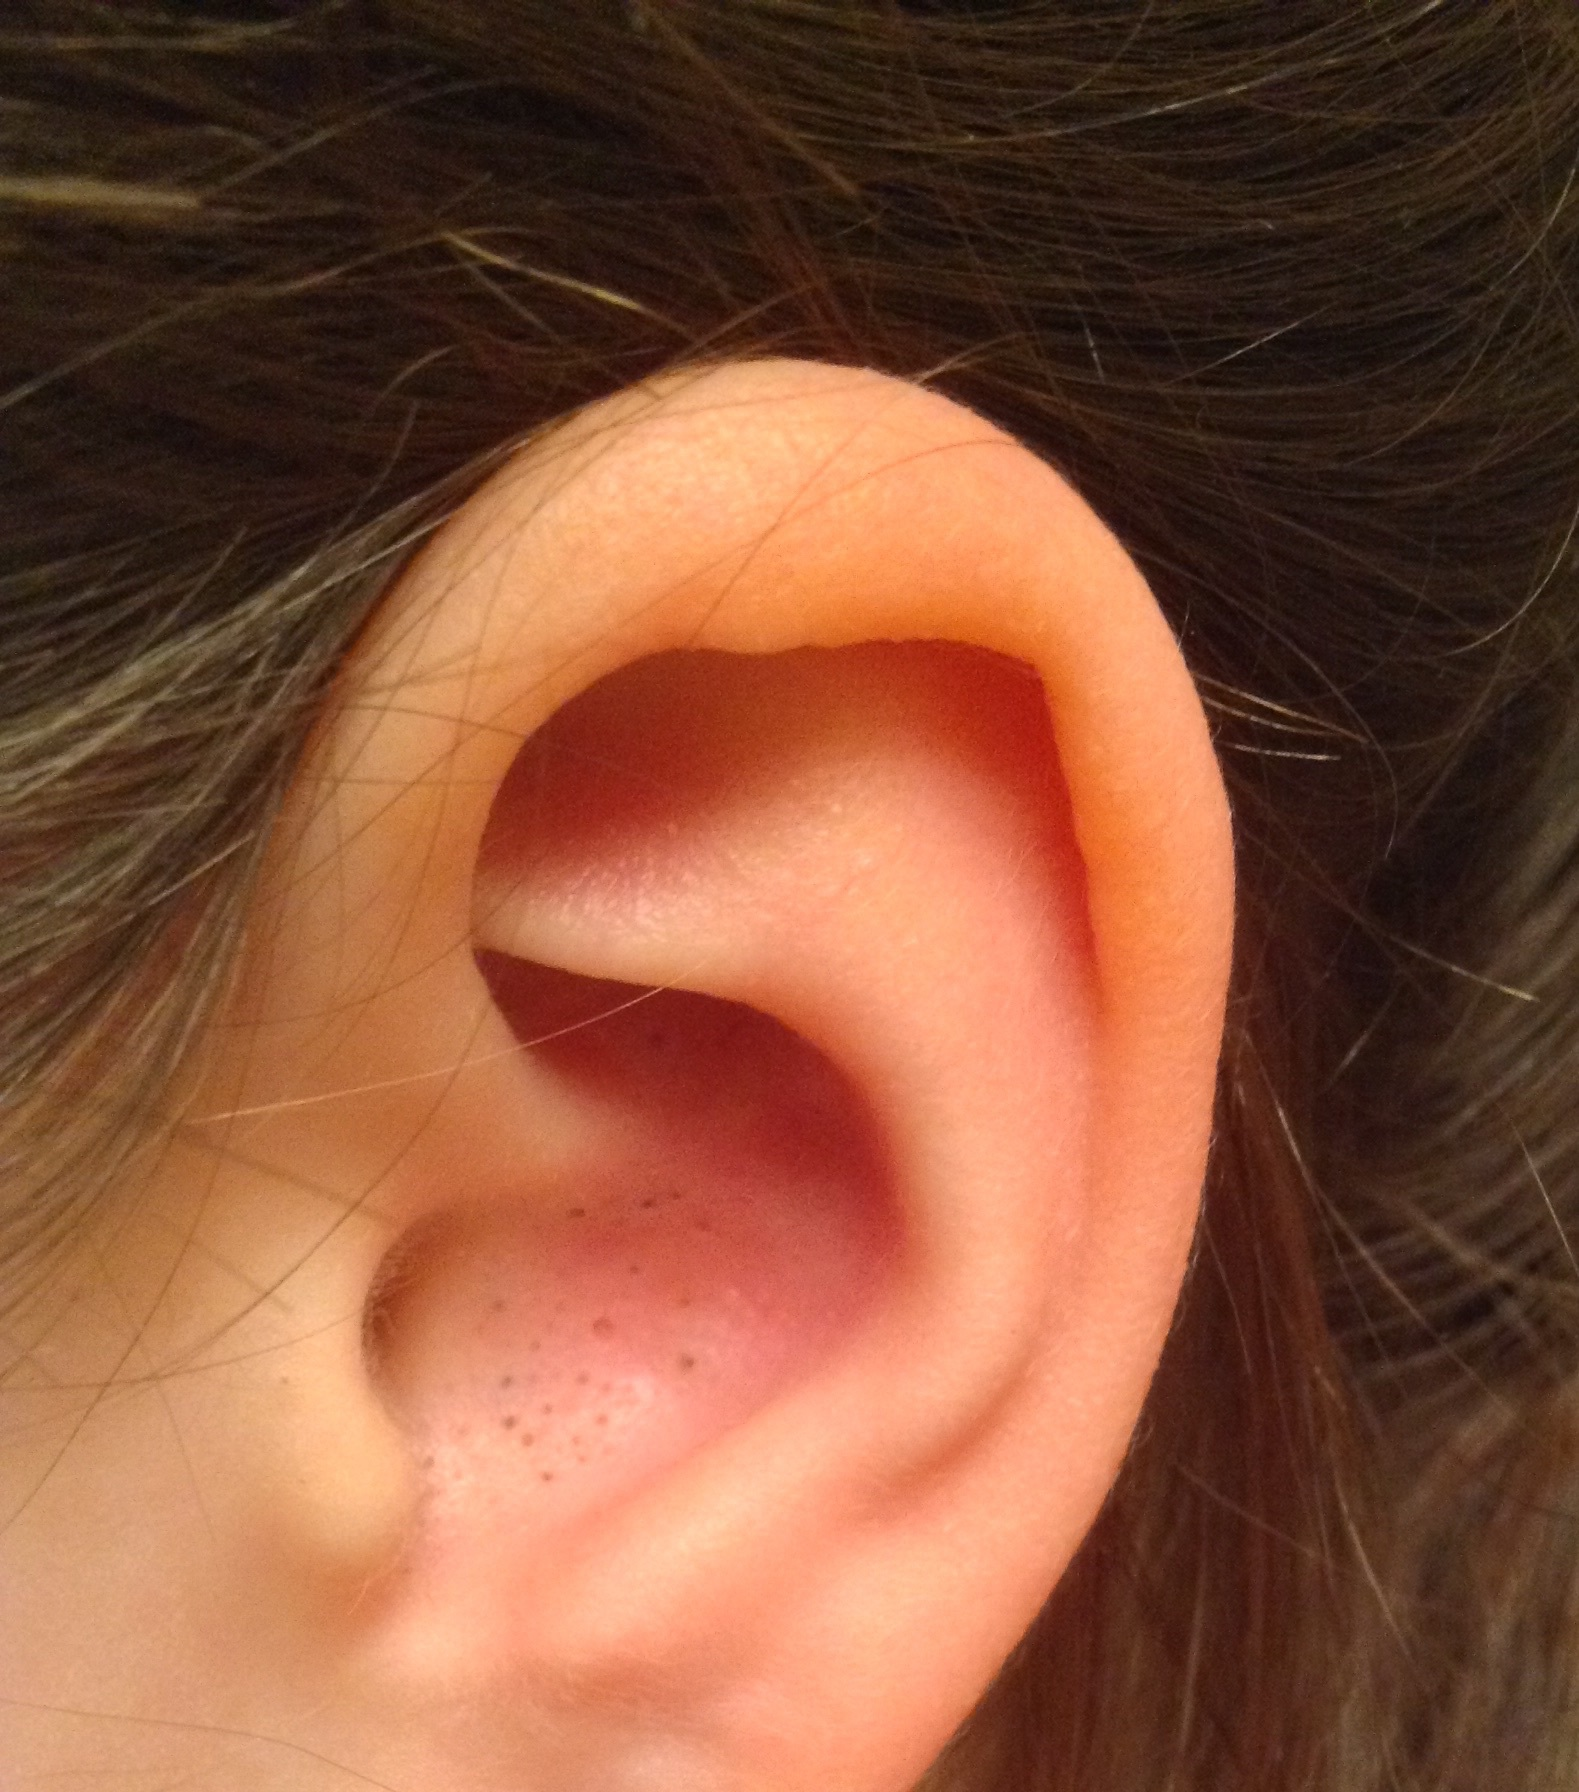 Красное ухо картинка